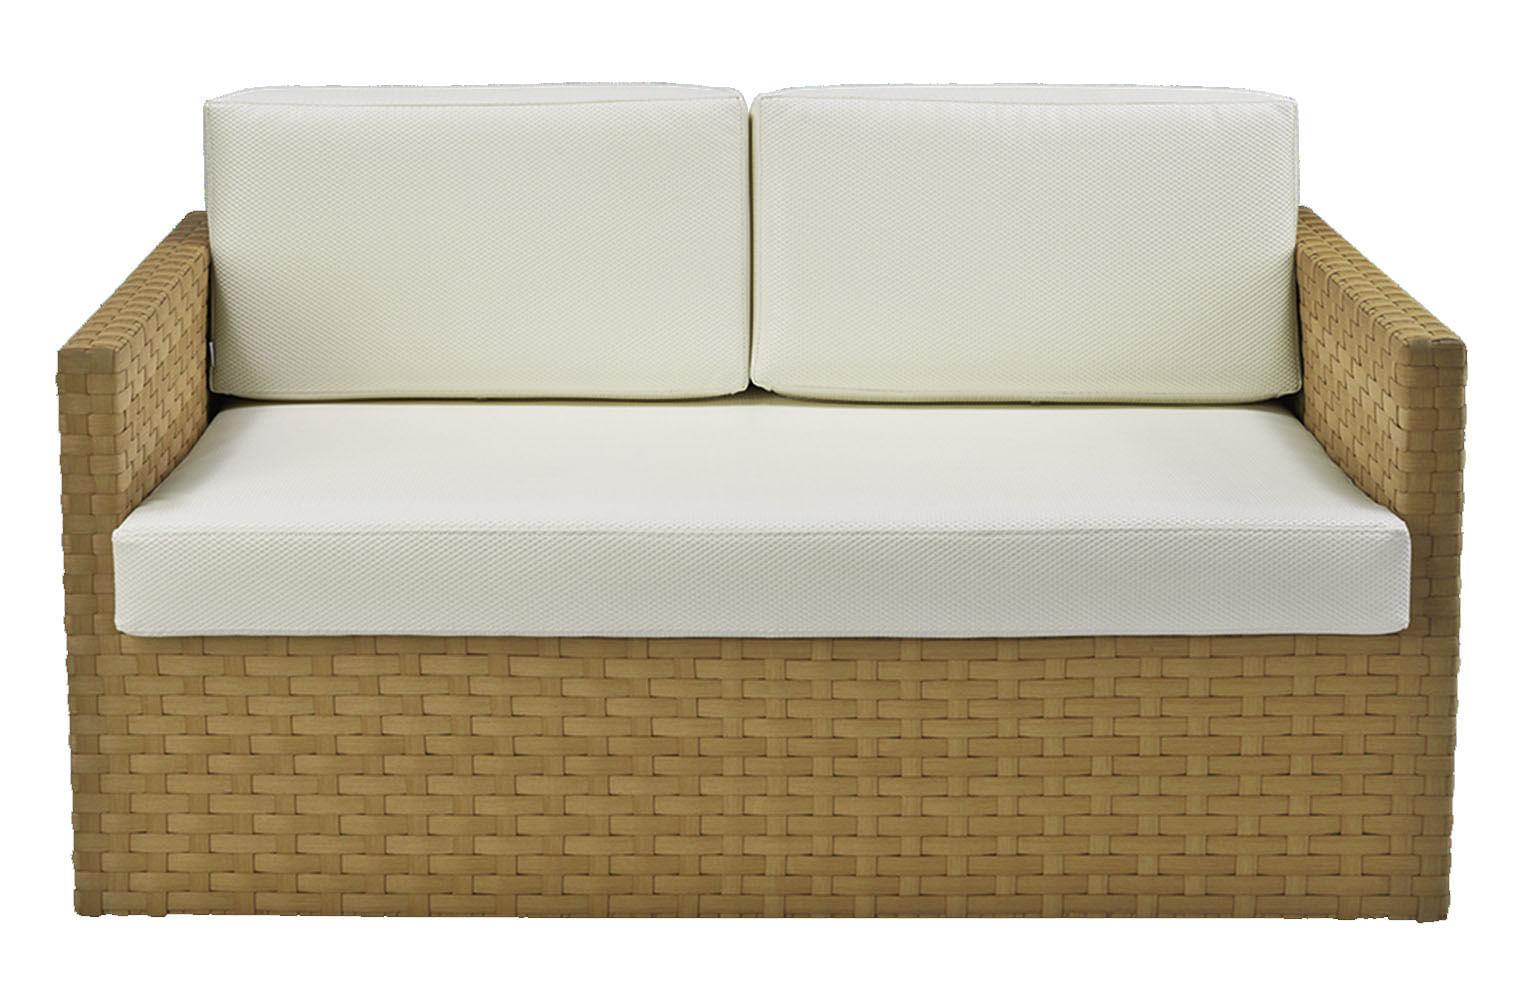 Sofa Corona 2 Lugares Estrutura Aluminio Revestido em Fibra cor Bege Madrid - 44655